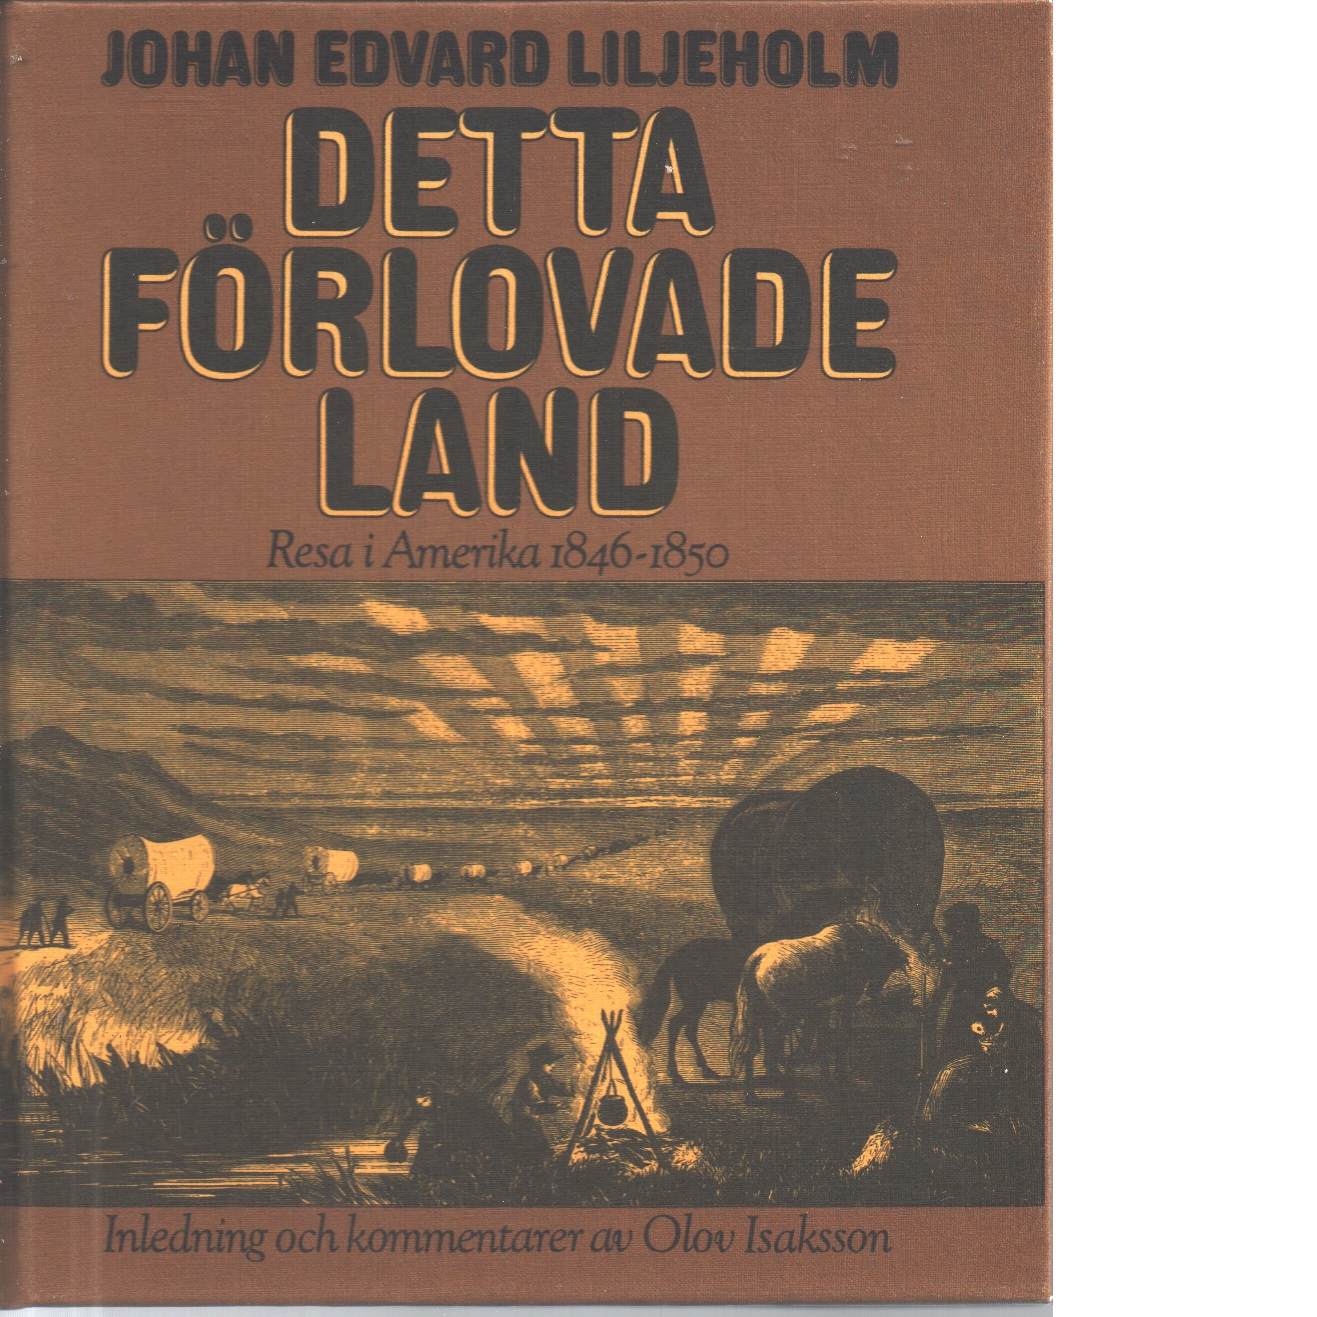 Detta förlovade land : resa i Amerika 1846-1850 - Liljeholm, Johan Edvard